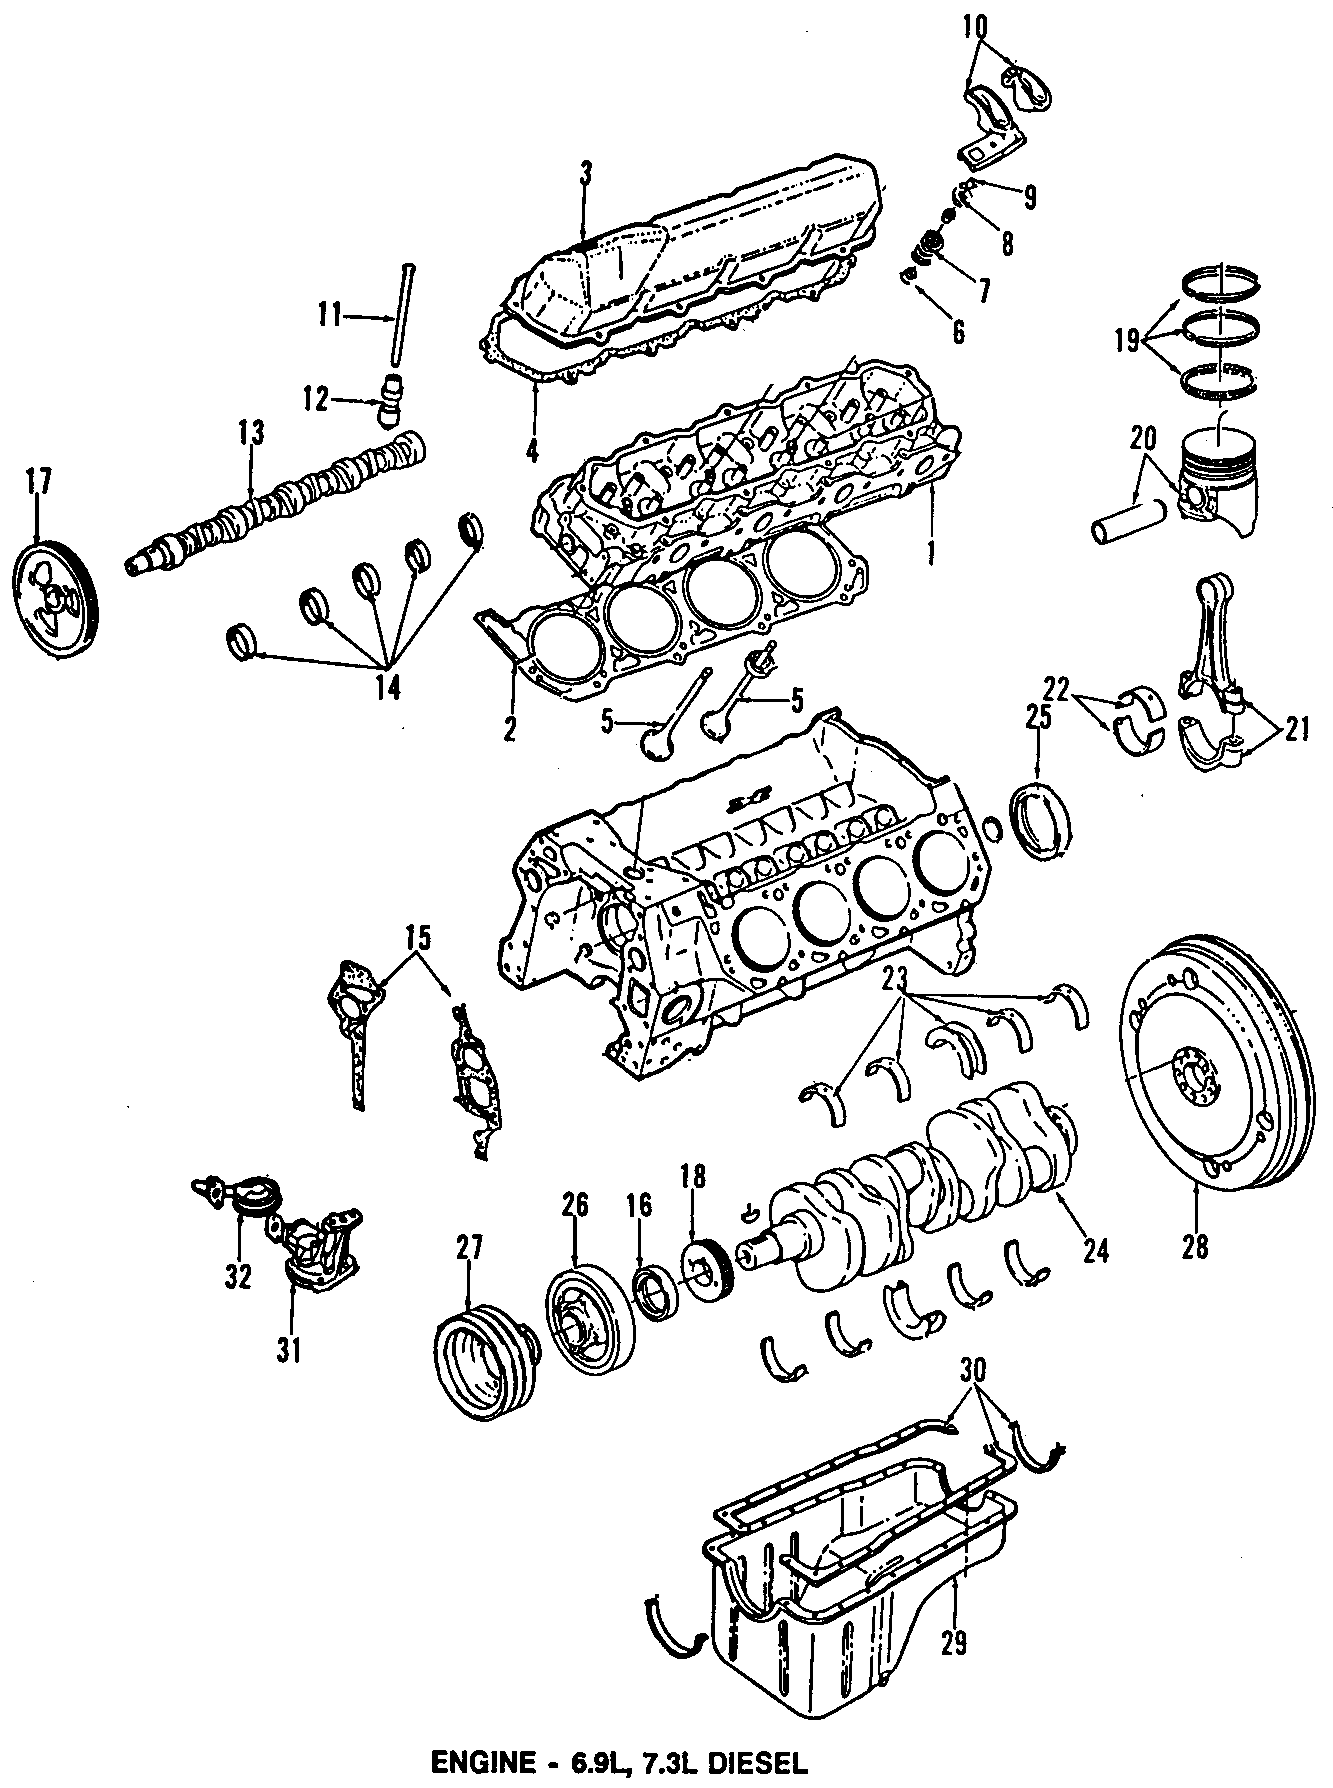 Ford F-350 Engine Valve Cover Gasket. 7.3 LITER DIESEL